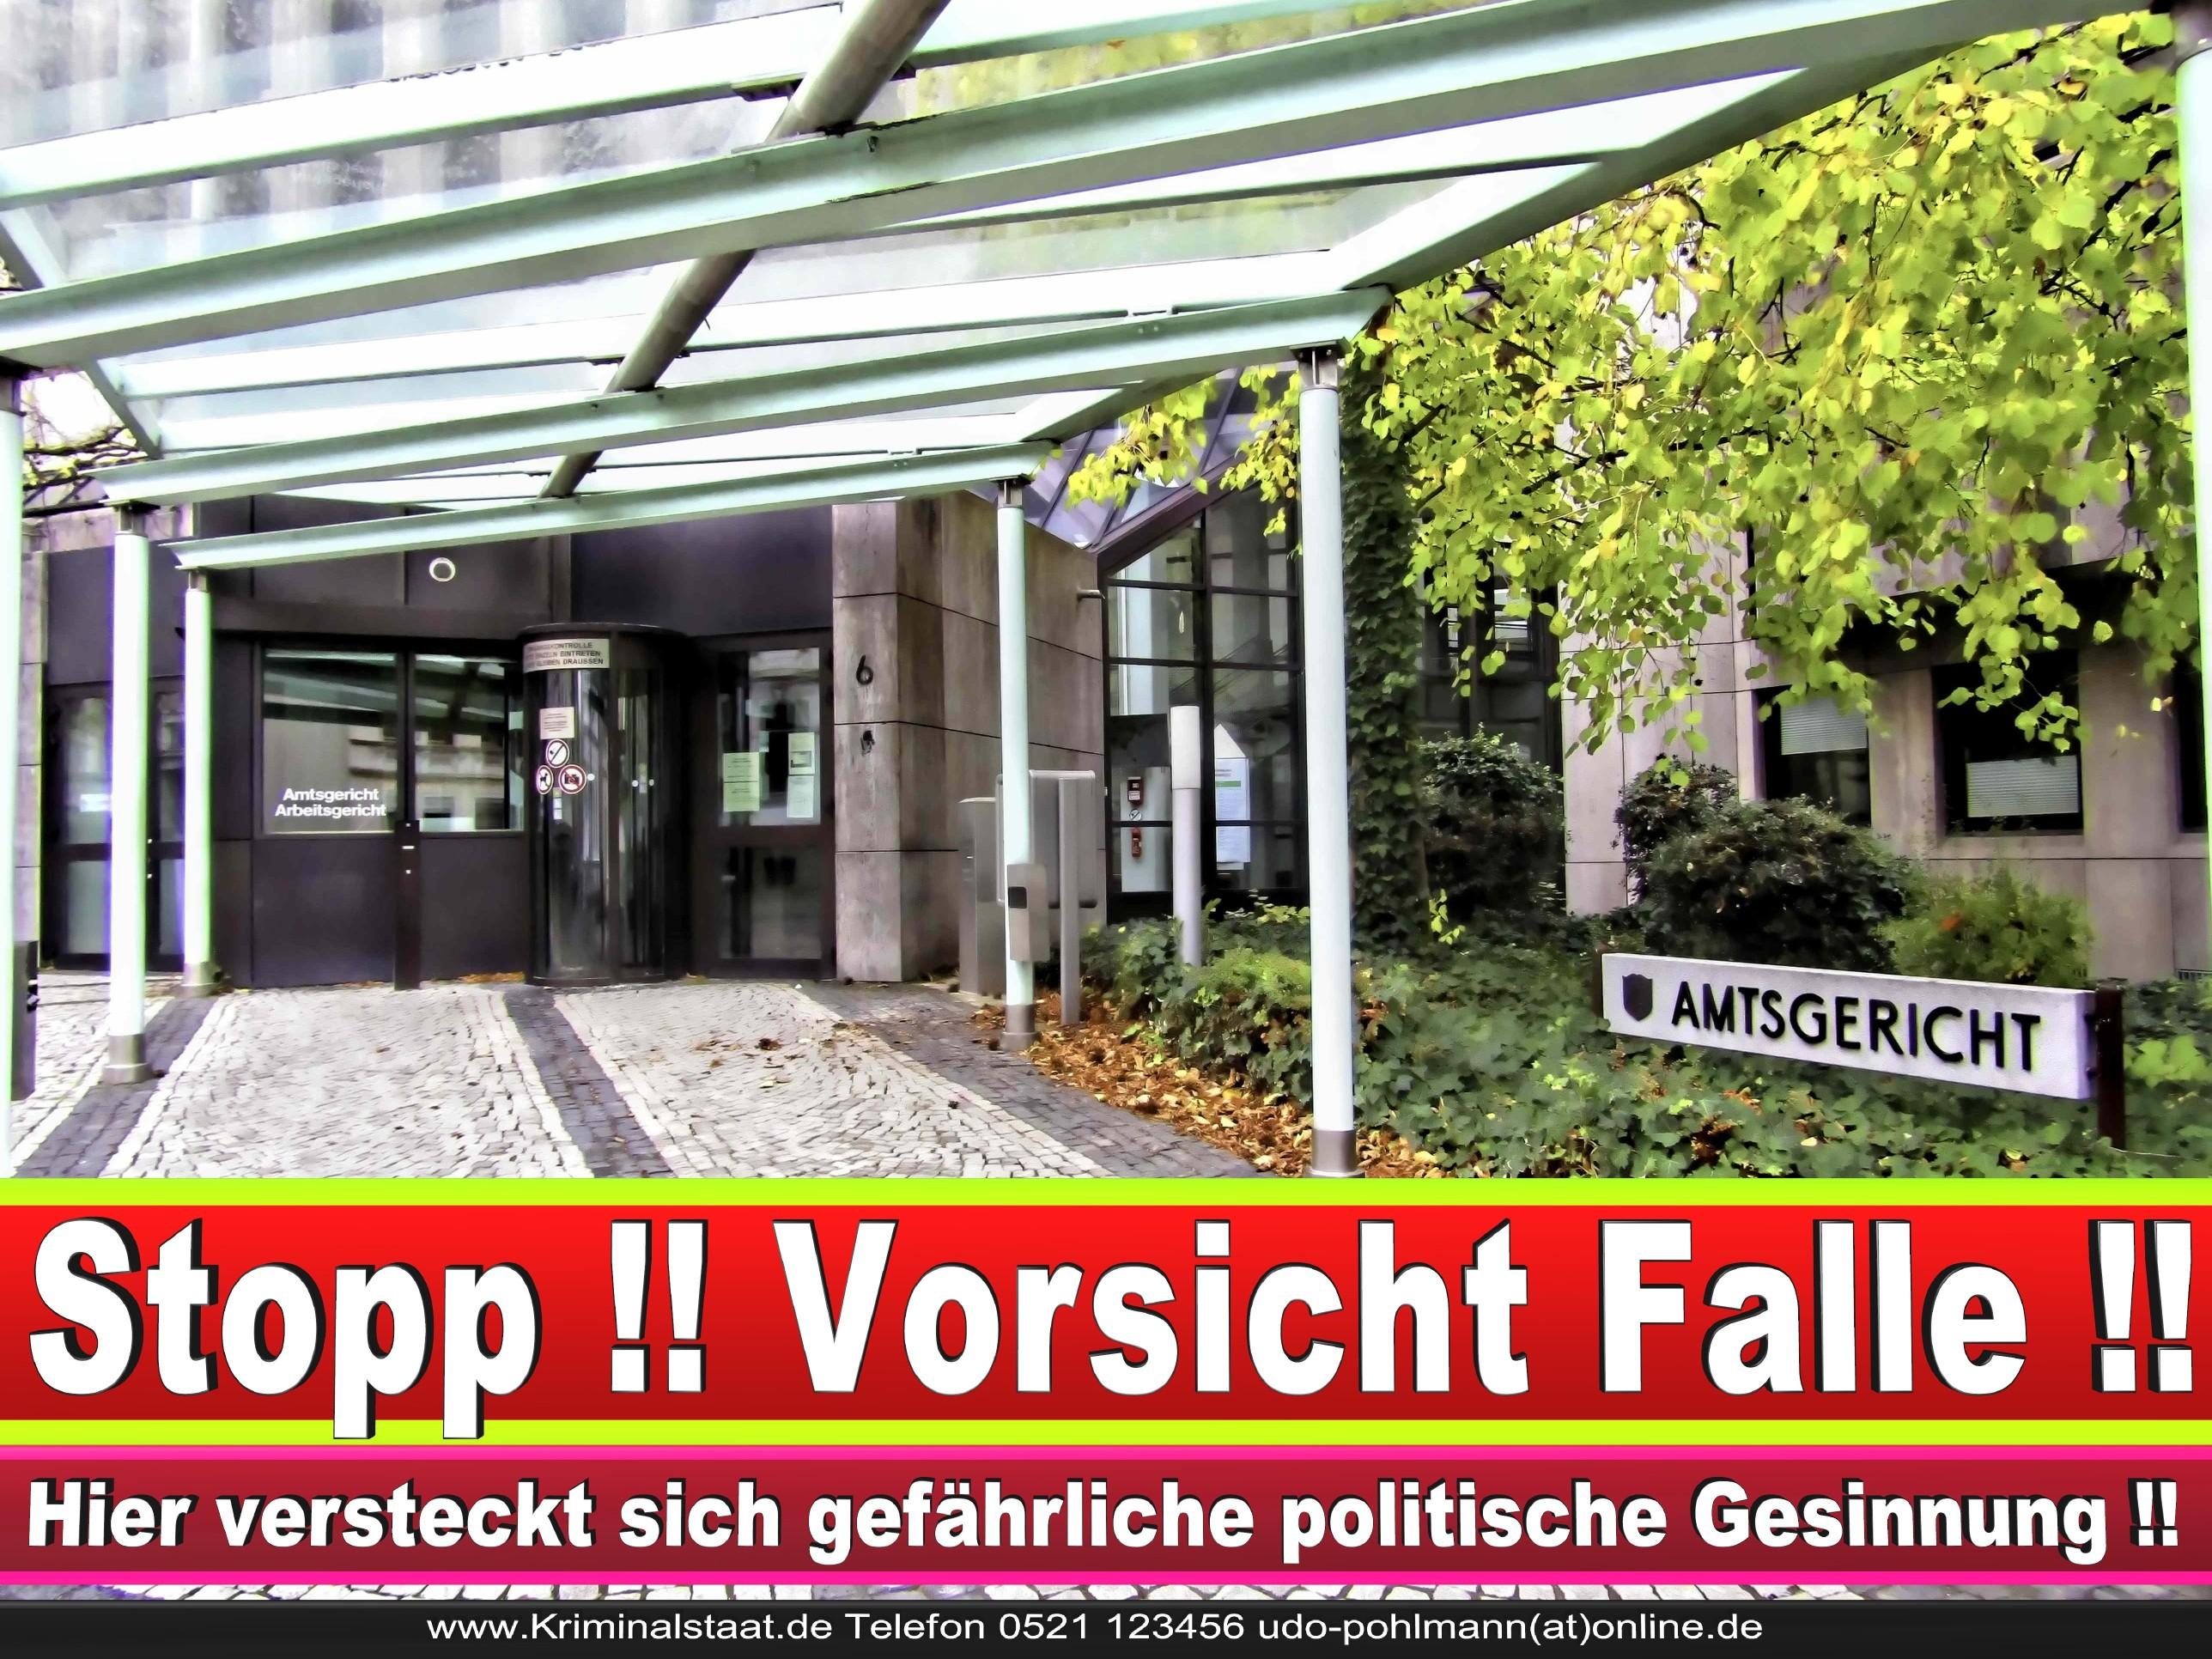 Amtsgericht Landgericht Staatsanwaltschaft Bielefeld Behörden NRW Arbeitsgericht Sozialgericht Verwaltungsgericht 5